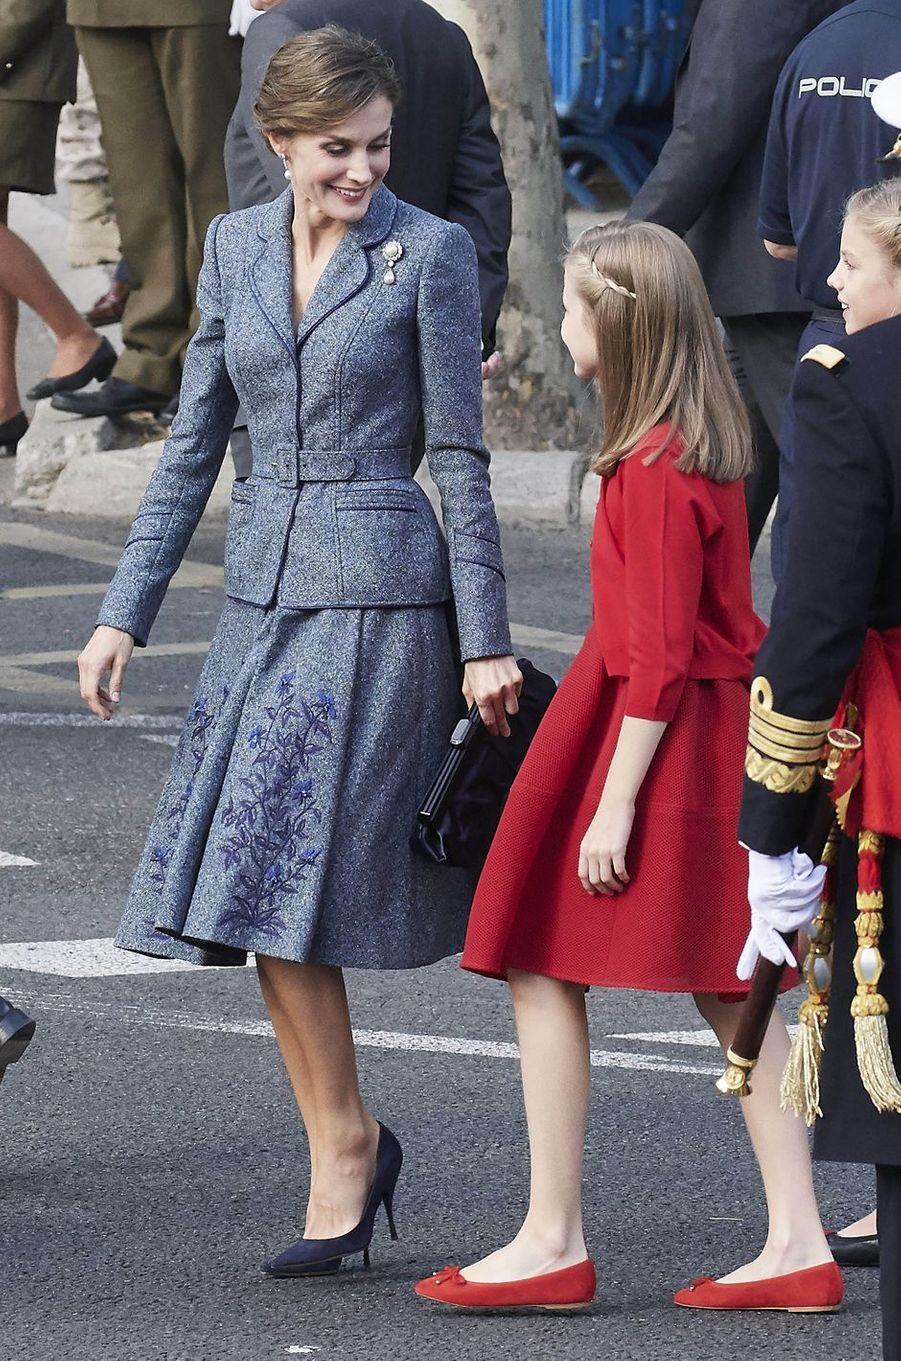 La reine Letizia d'Espagne avec sa fille aînée la princesse Leonor à Madrid, le 12 octobre 2017